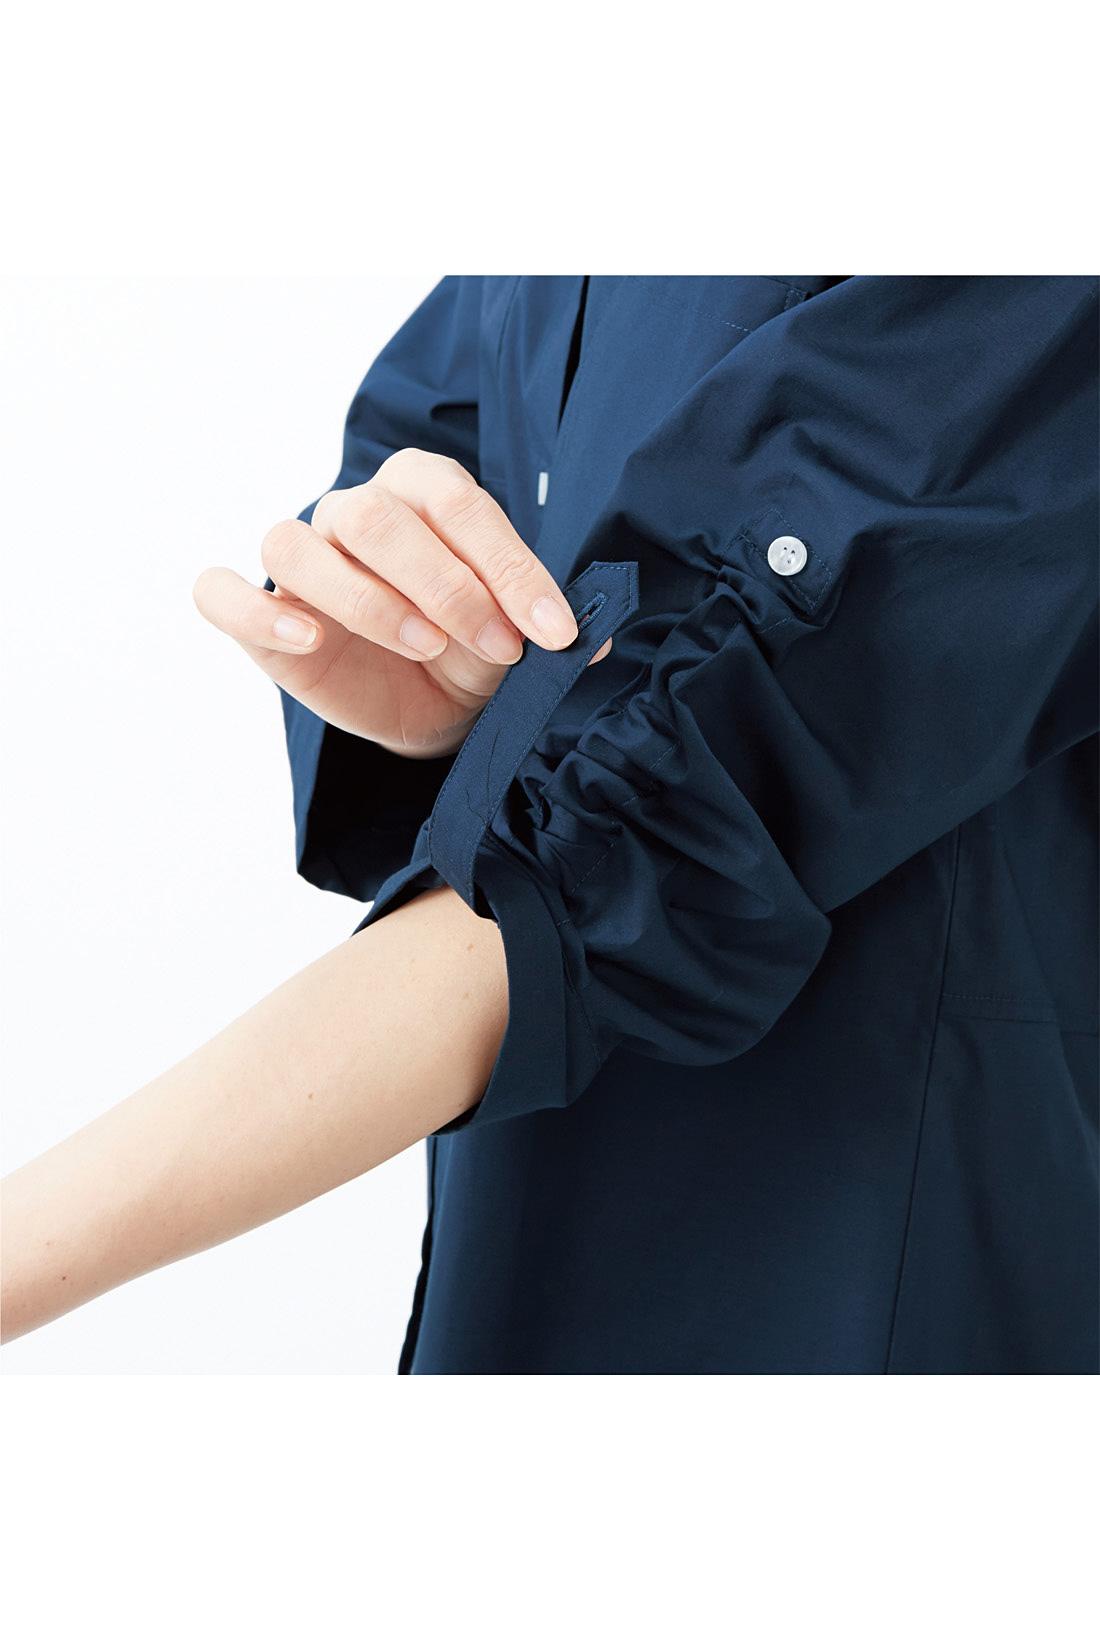 袖の内側のベルトを引っぱると、袖をくしゅっとプッシュアップできる仕様。※お届けするカラーとは異なります。